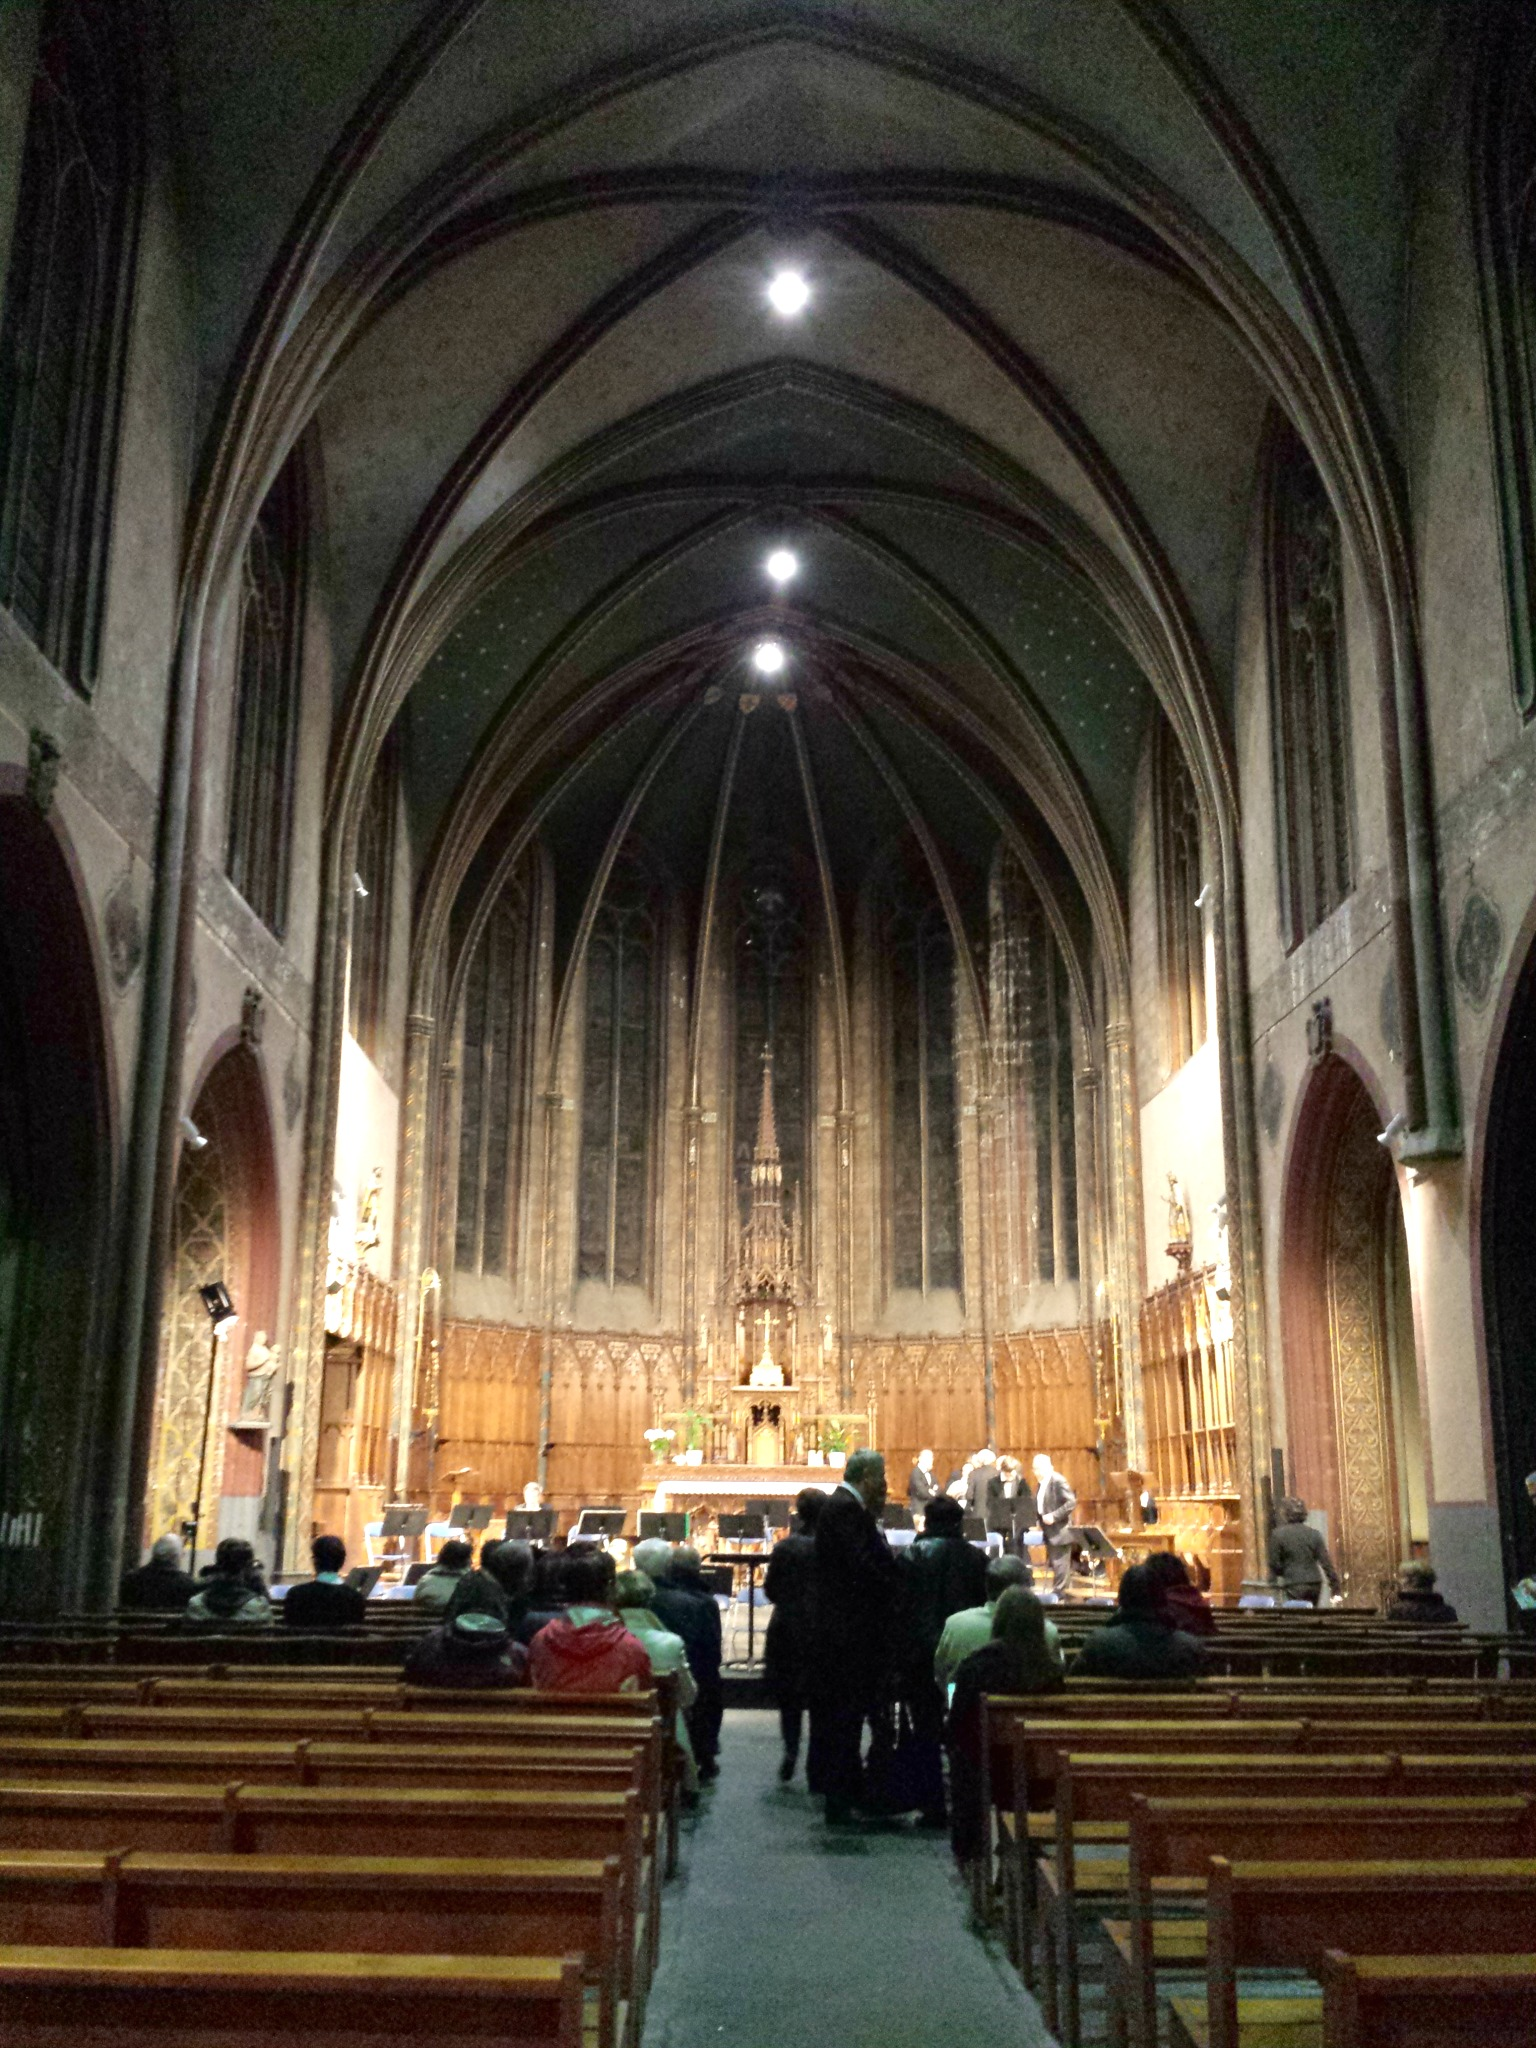 Concert de l orchestre universitaire de clermont ferrand - Chambre universitaire clermont ferrand ...